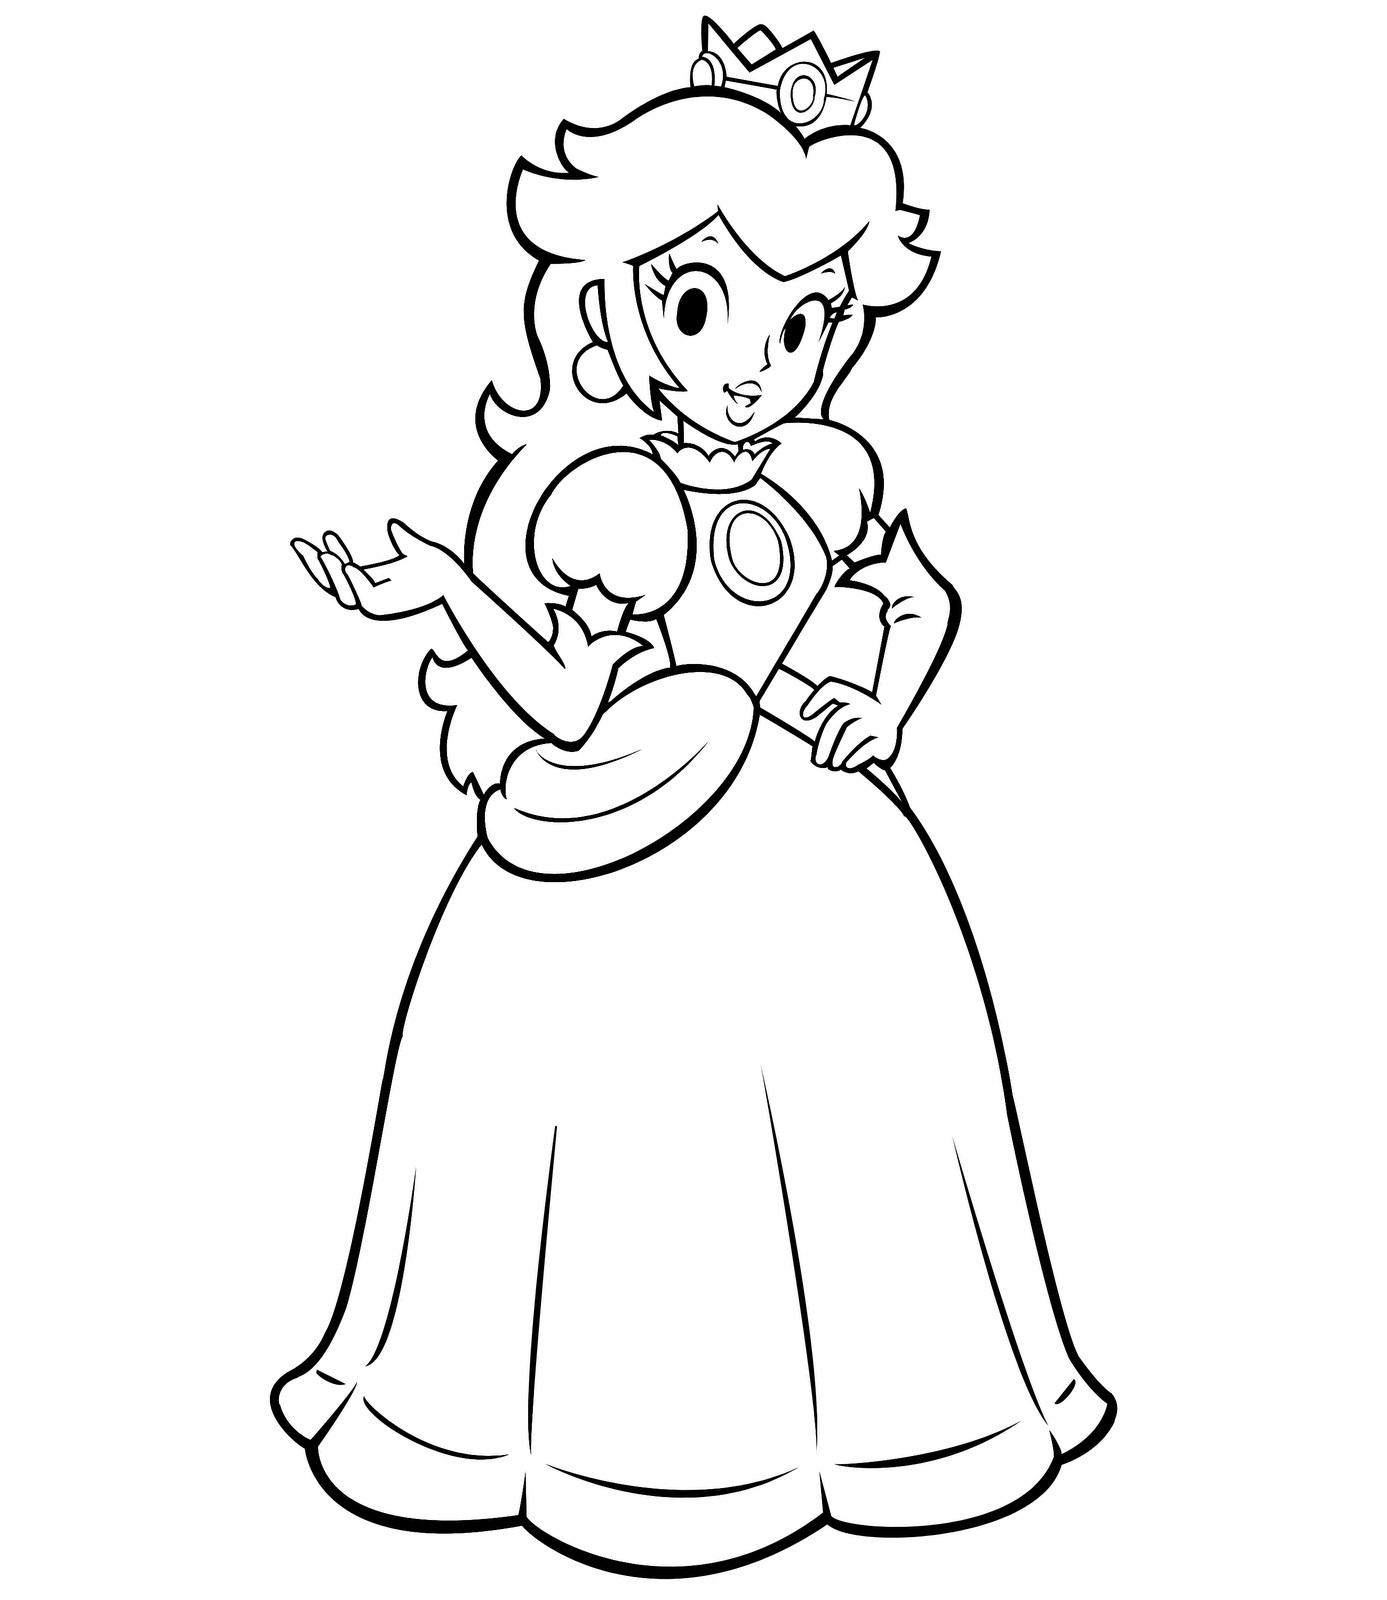 Mario Images Princess Rosalina Coloring Page Peach